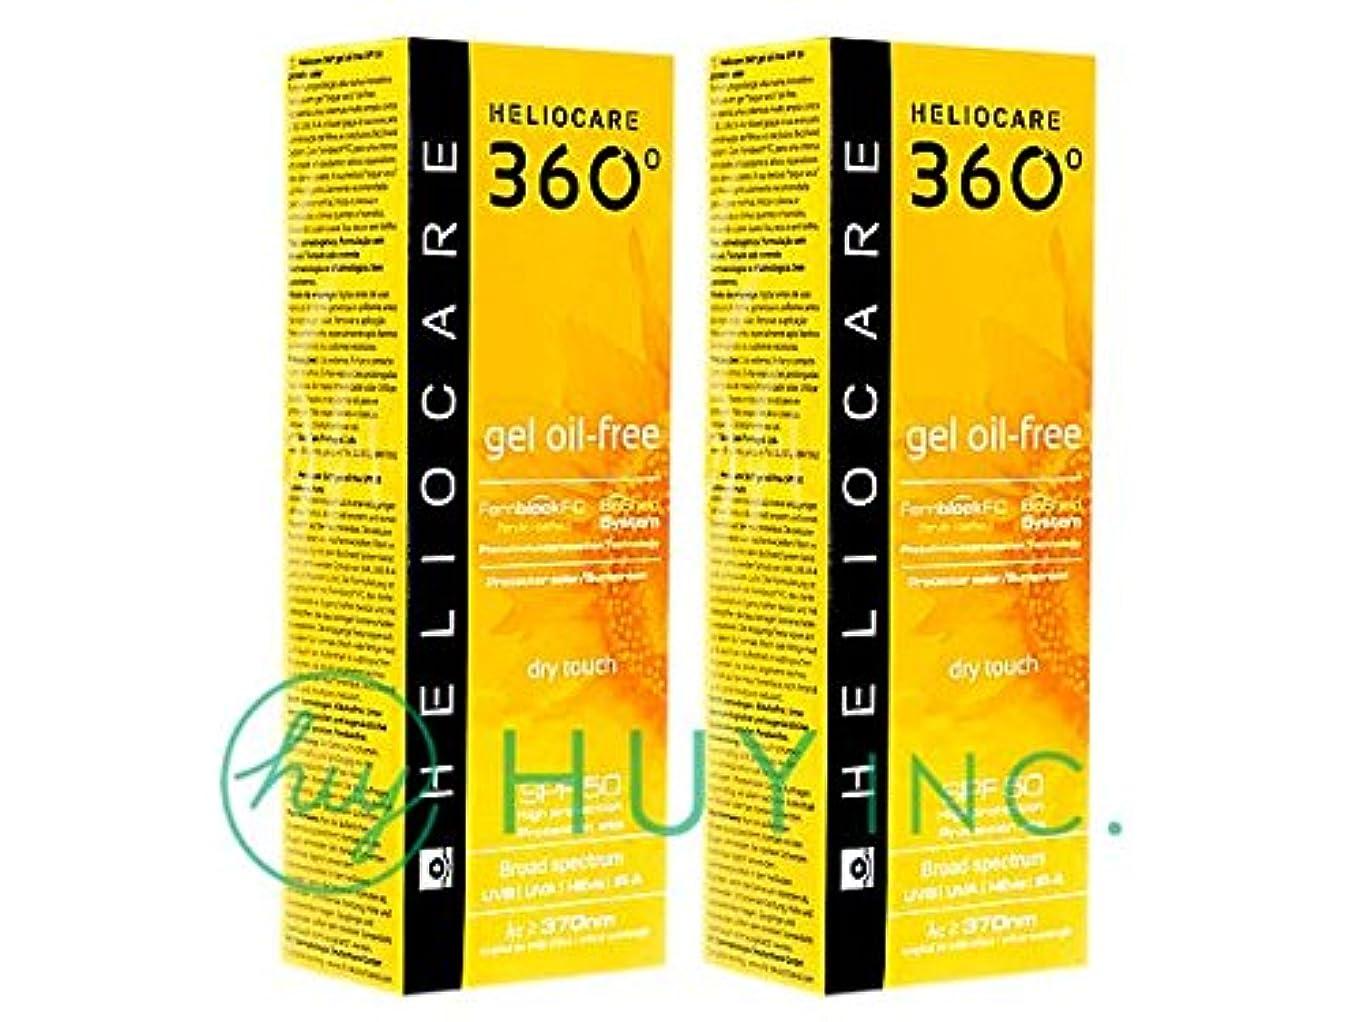 闇真空サバントヘリオケア 360°ジェルオイルフリー(Heliocare360GelOil-Free)SPF50 2ボトル(50ml×2) [並行輸入品]